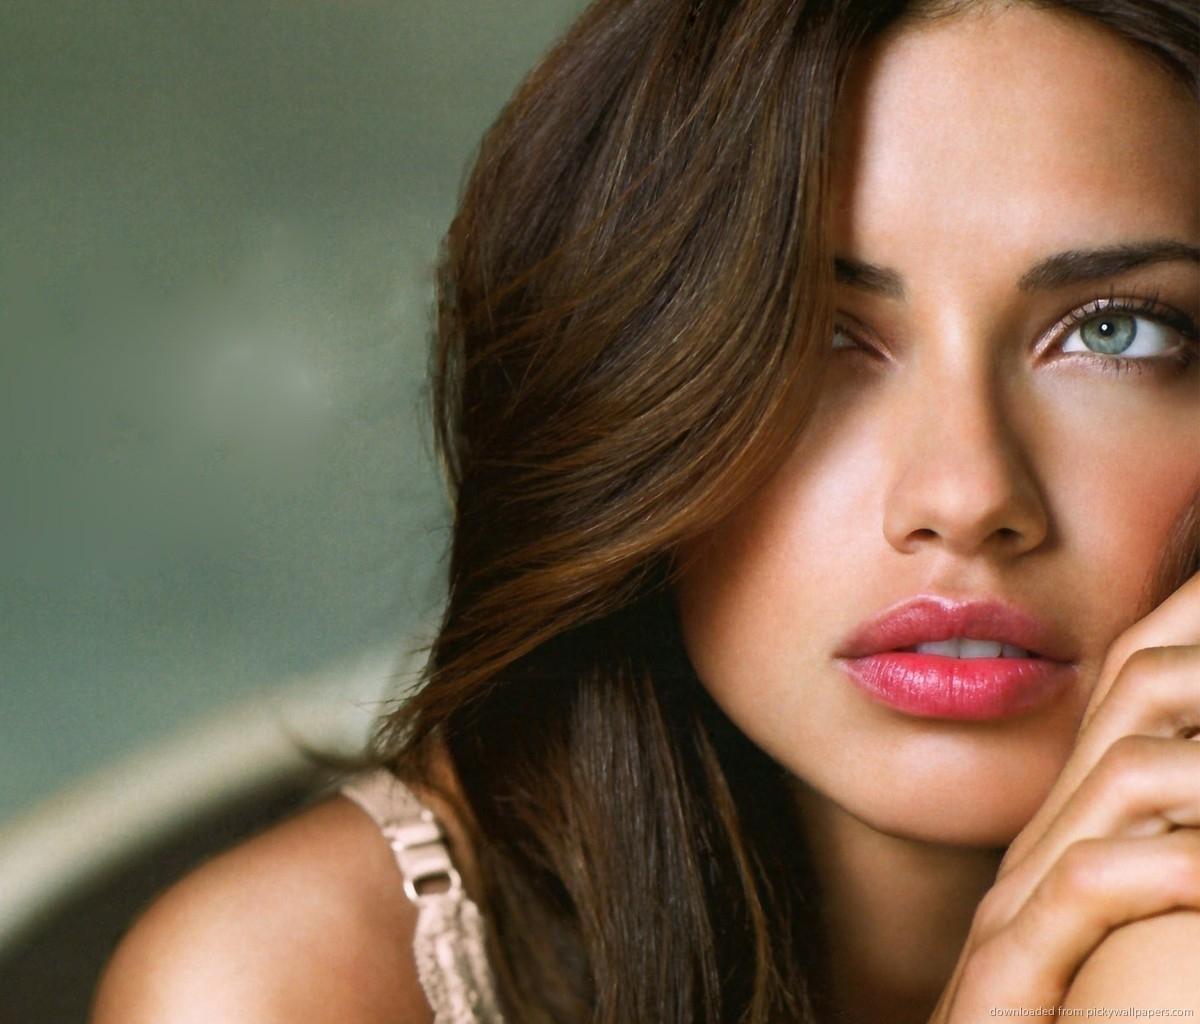 http://3.bp.blogspot.com/-qP9bmif0_5o/UNu9oLsv_hI/AAAAAAAAAGI/fMdLswn7B58/s1600/Adriana+Lima+3.jpg#adriana%20lima%201200x1024